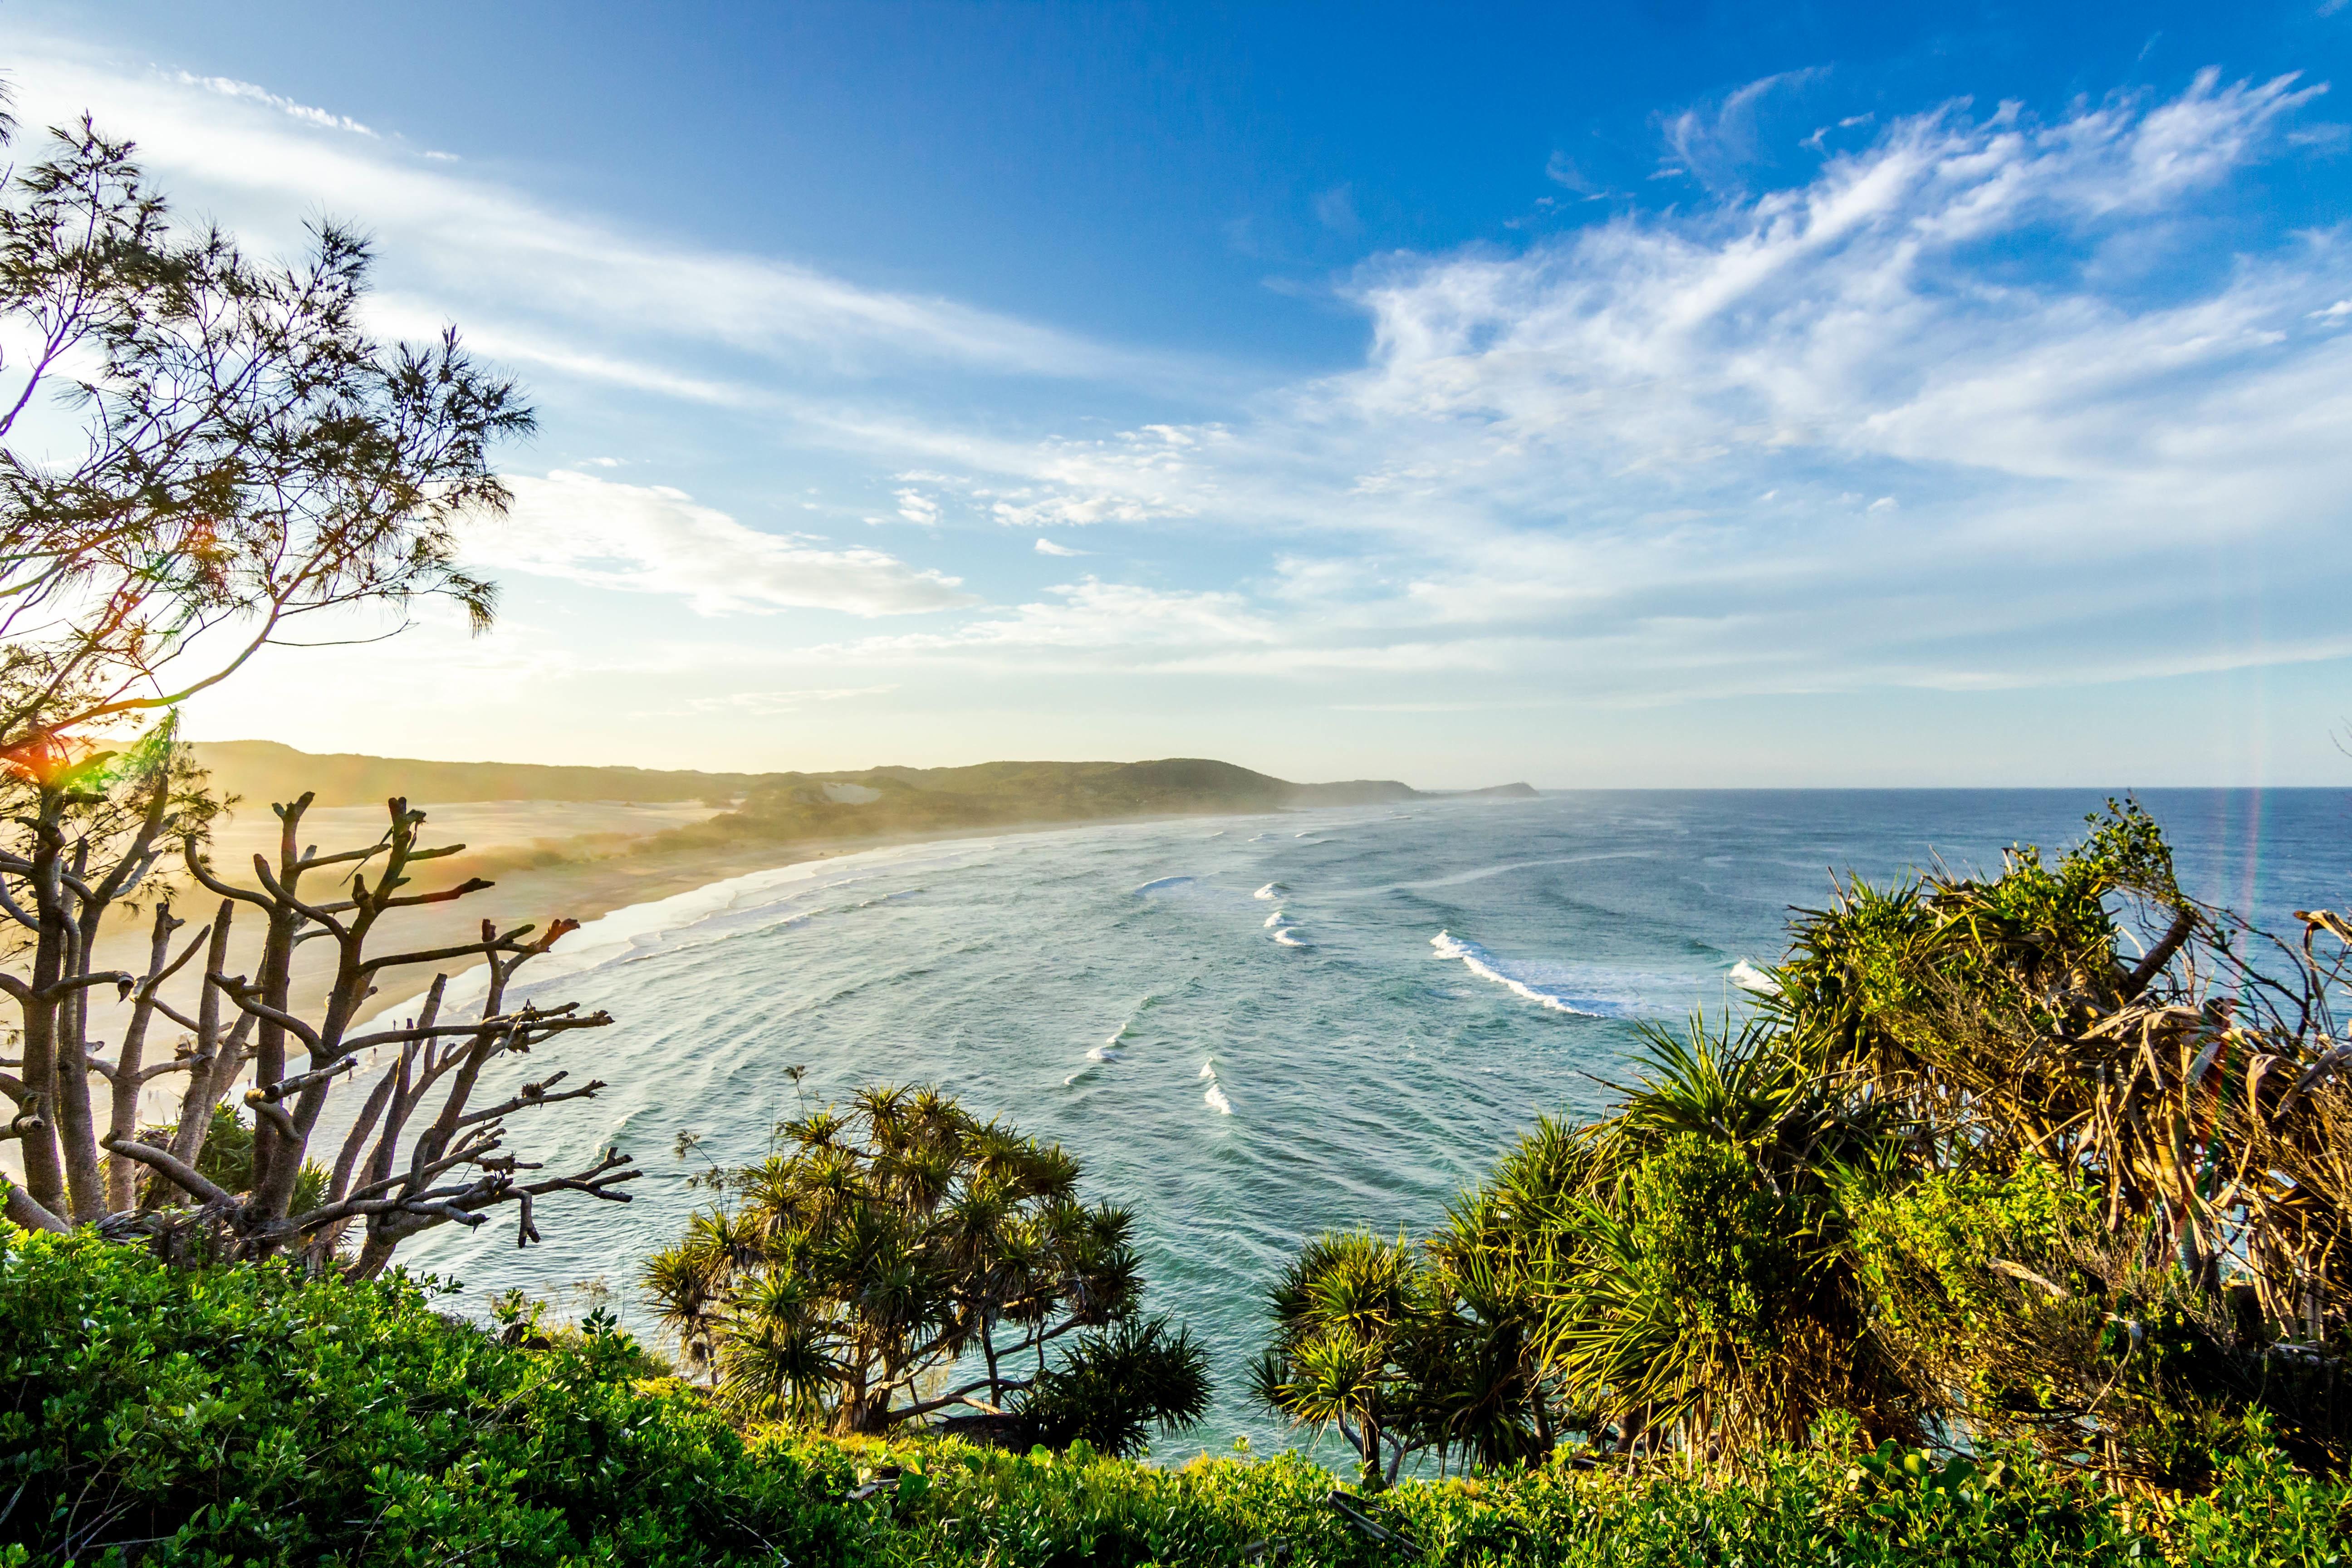 無料画像 : ビーチ, 風景, 海岸, 木, 自然, 海洋, 地平線, 雲, 太陽光, 湖, 休暇, 崖, 入り江, 湾, 水域, 生息地 5184x3456